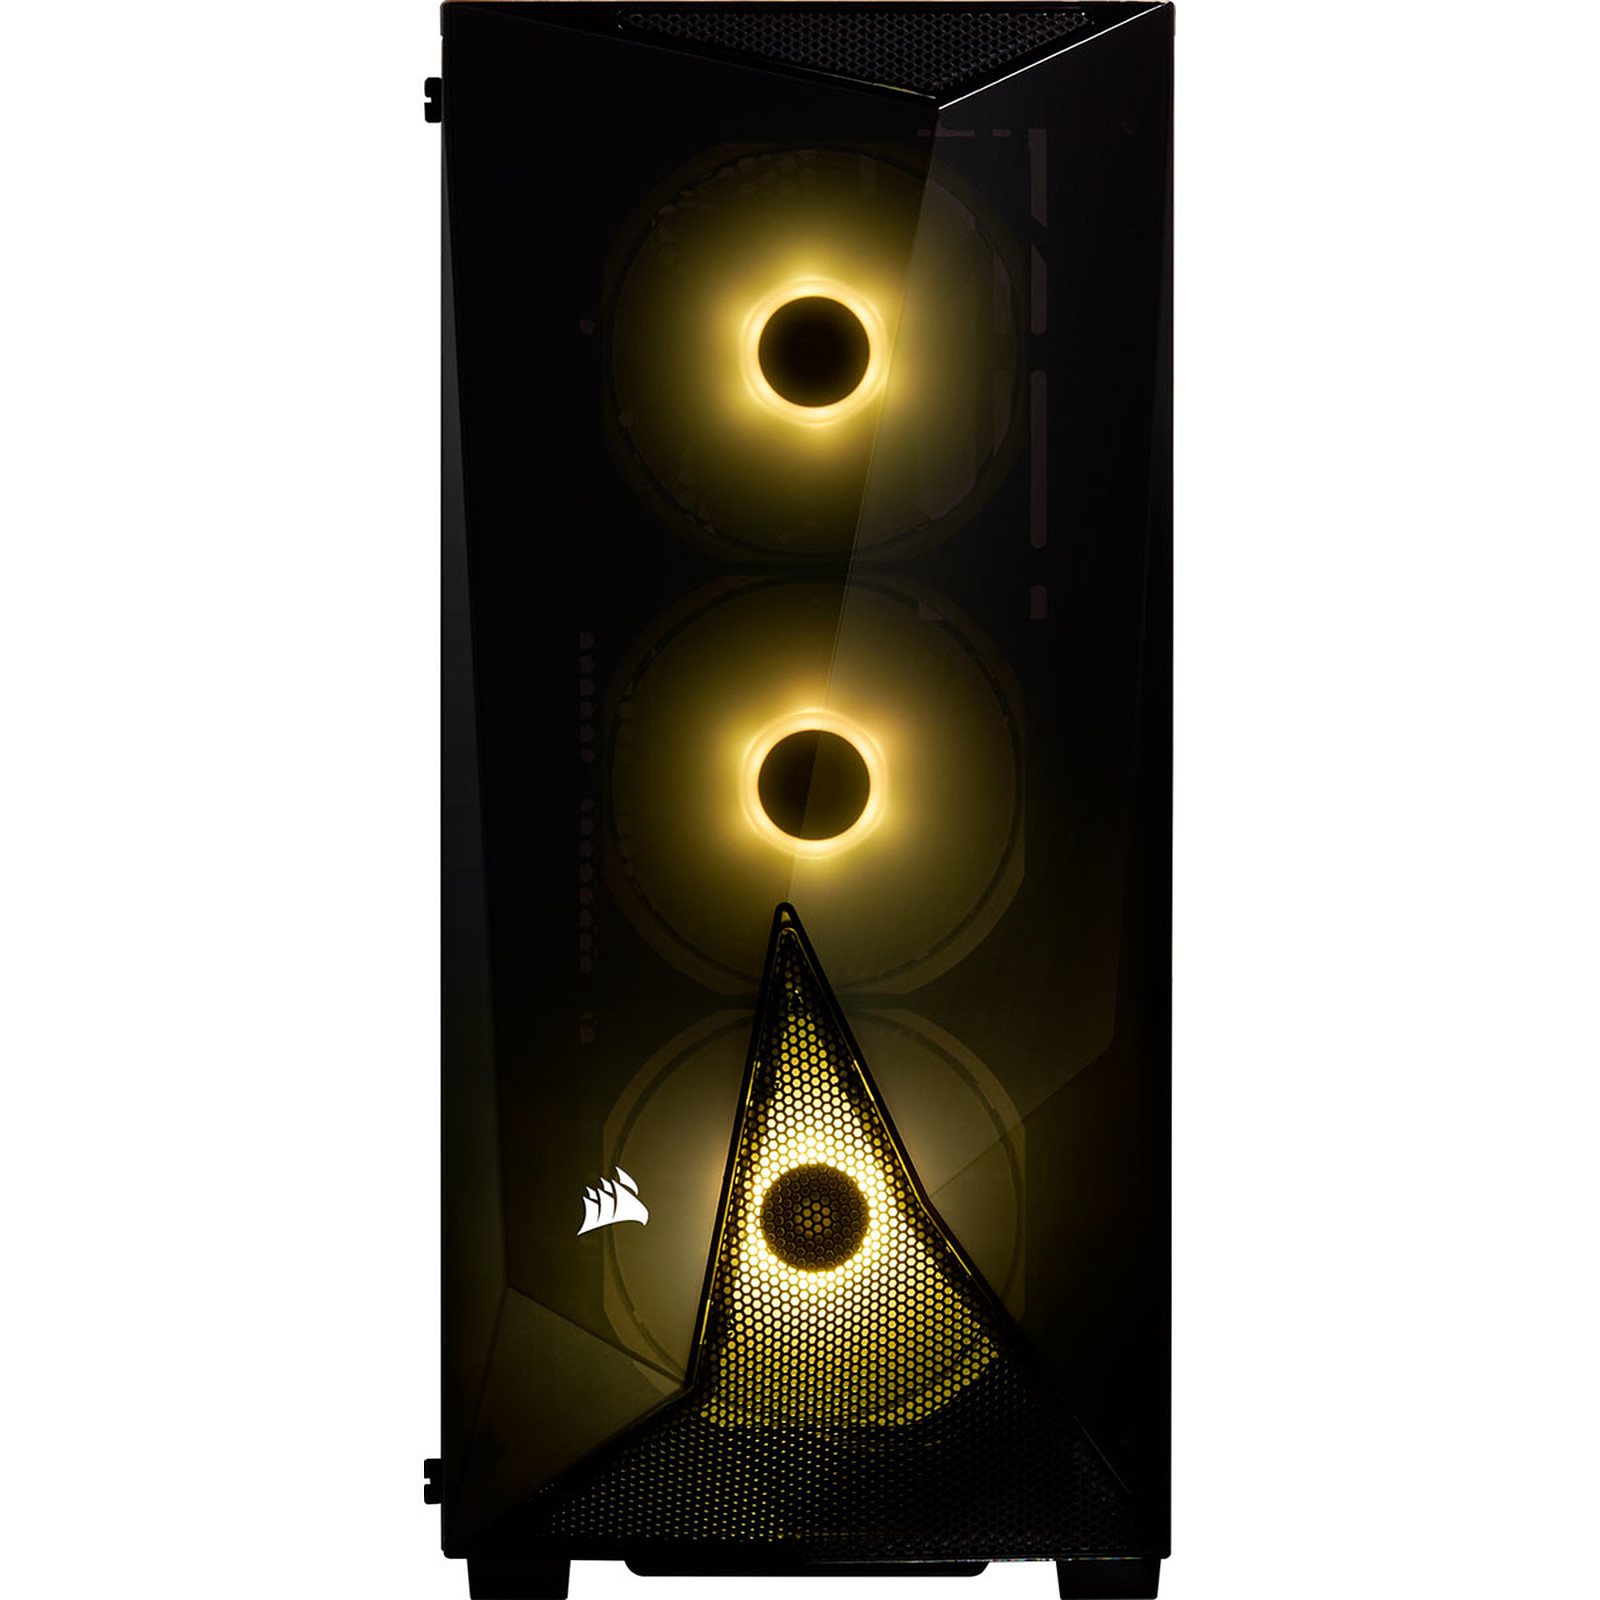 Boitier PC ATX, Micro-ATX, Mini-ITX Corsair Carbide SPEC-DELTA RGB noir avec fenêtre sans alim, informatique reunion, informatique ile de la Réunion 974